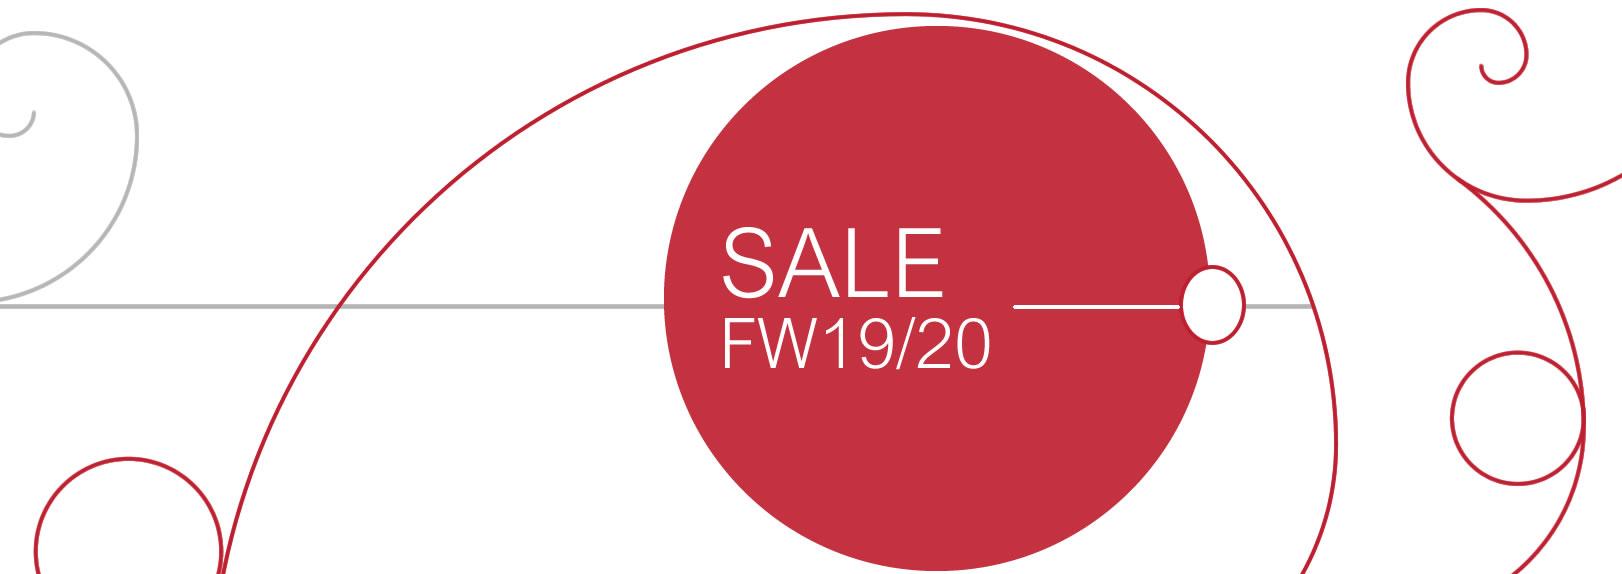 Atelieronweb  Sale